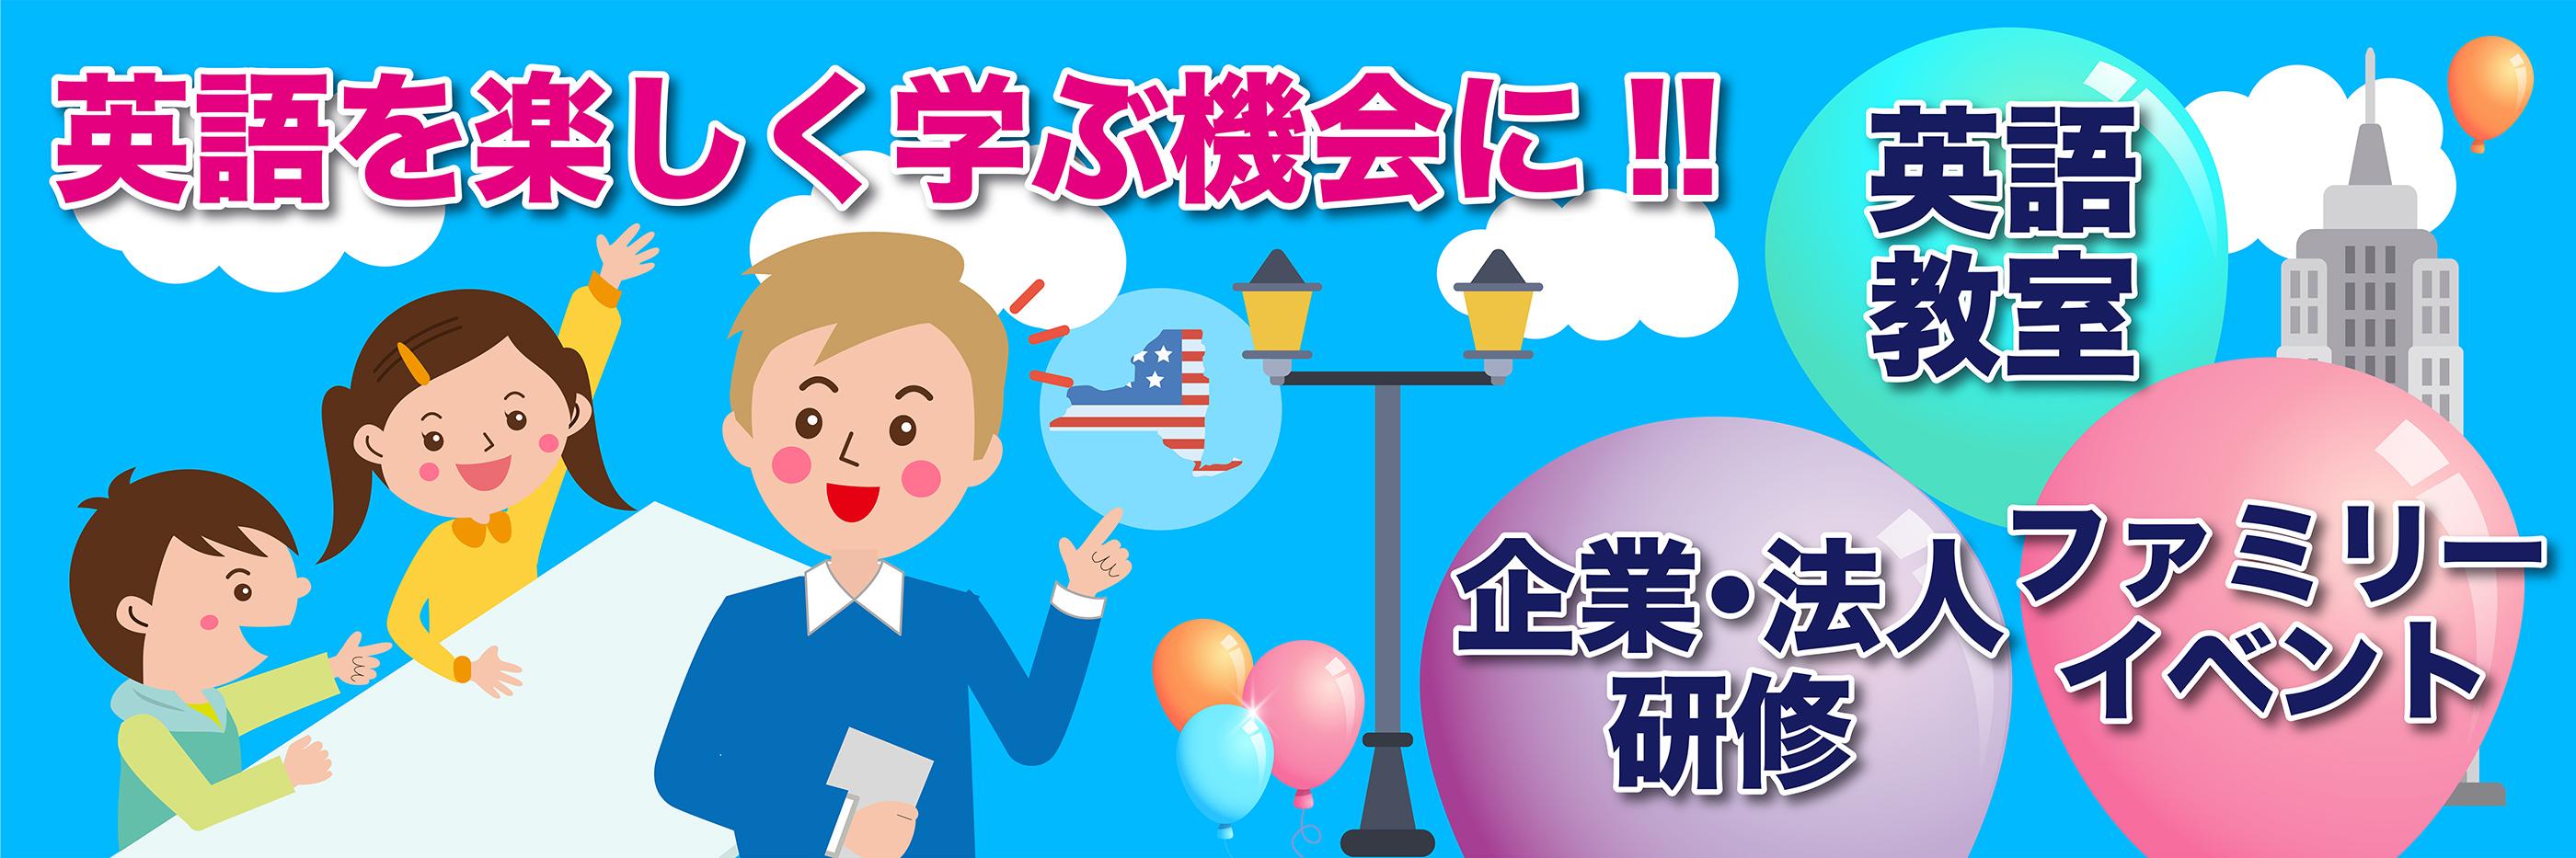 英語を楽しく学ぶ機会に!